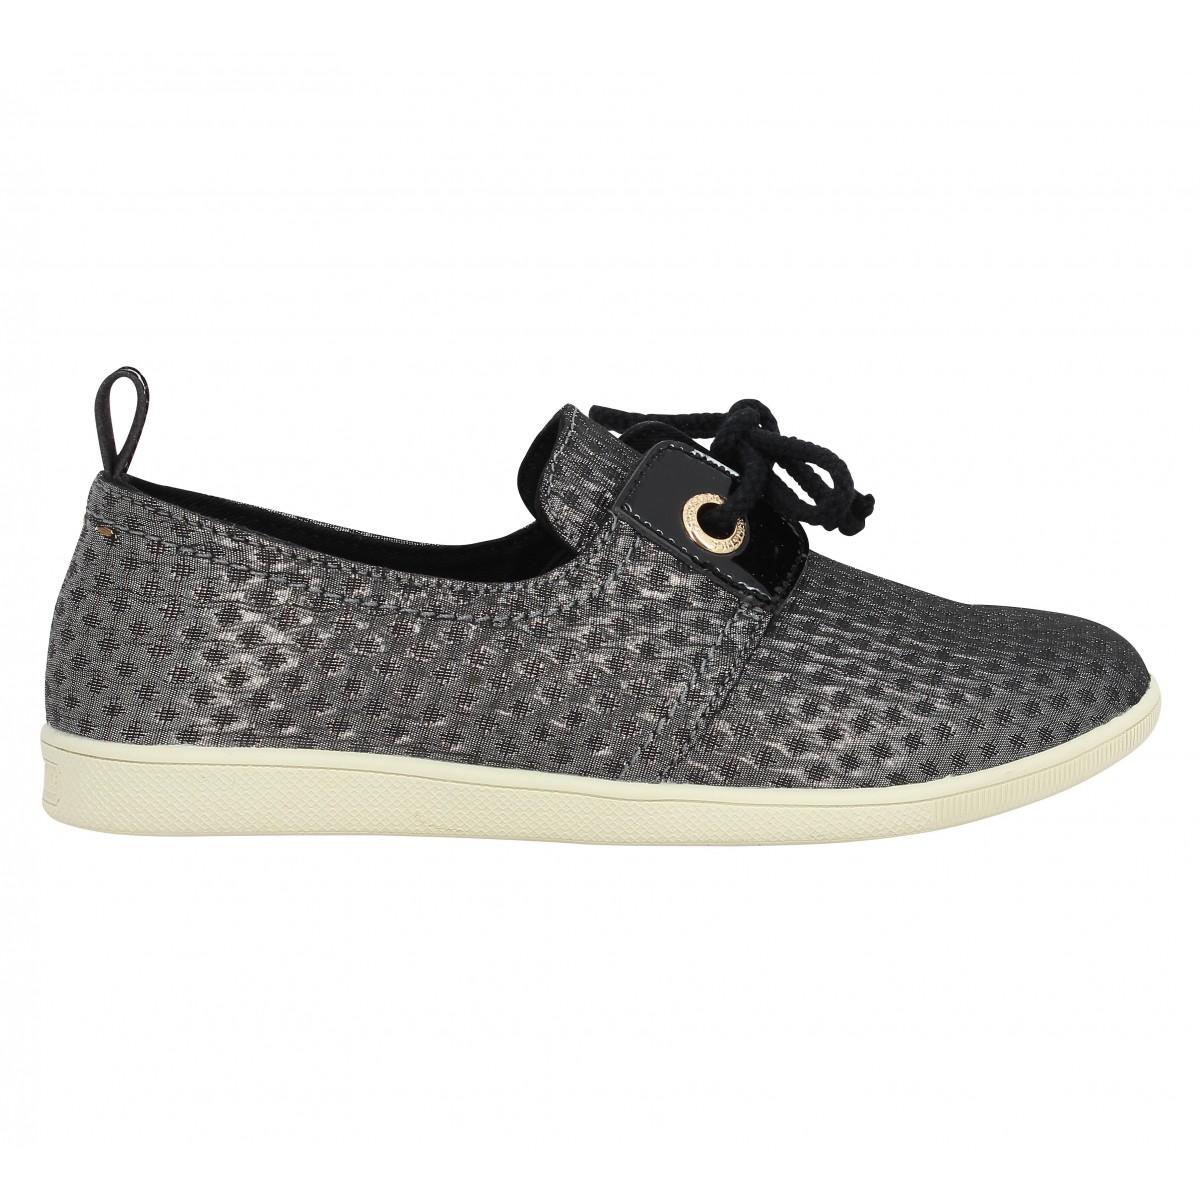 Palais, Sneakers Basses Femme, Noir, 38 EUElle